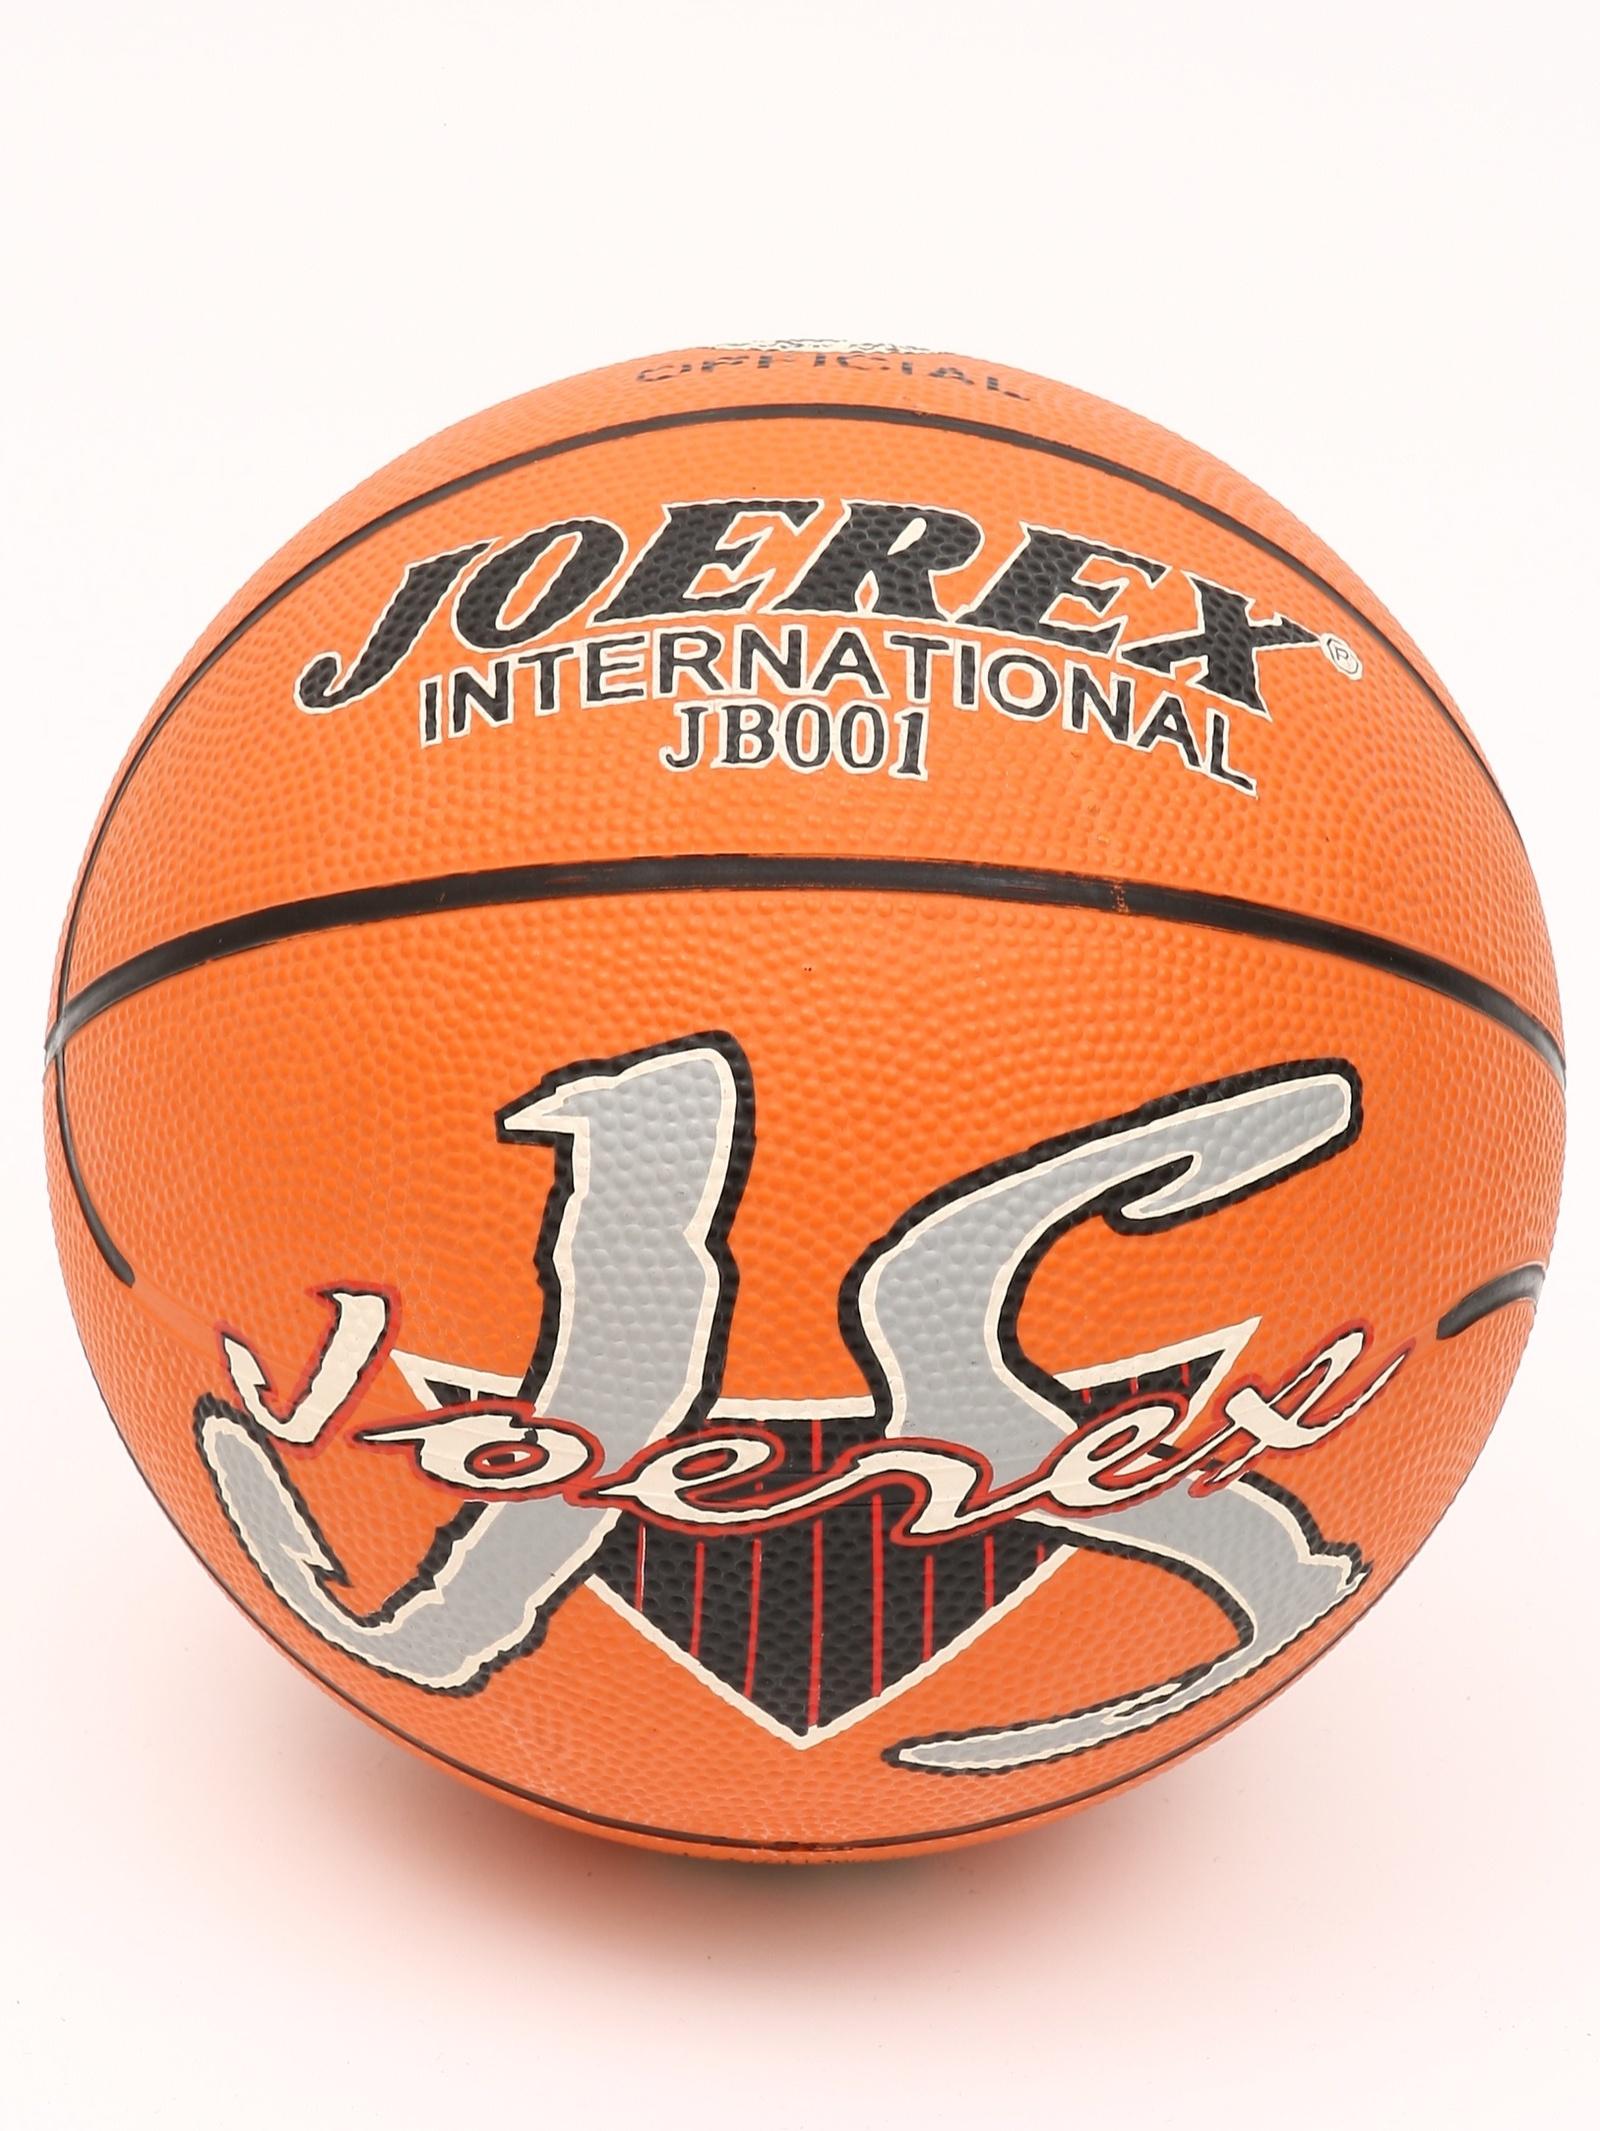 Мяч баскетбольный JOEREX JB001, коричнево-красный рюкзак joerex 19л shx 21629 красный пэ